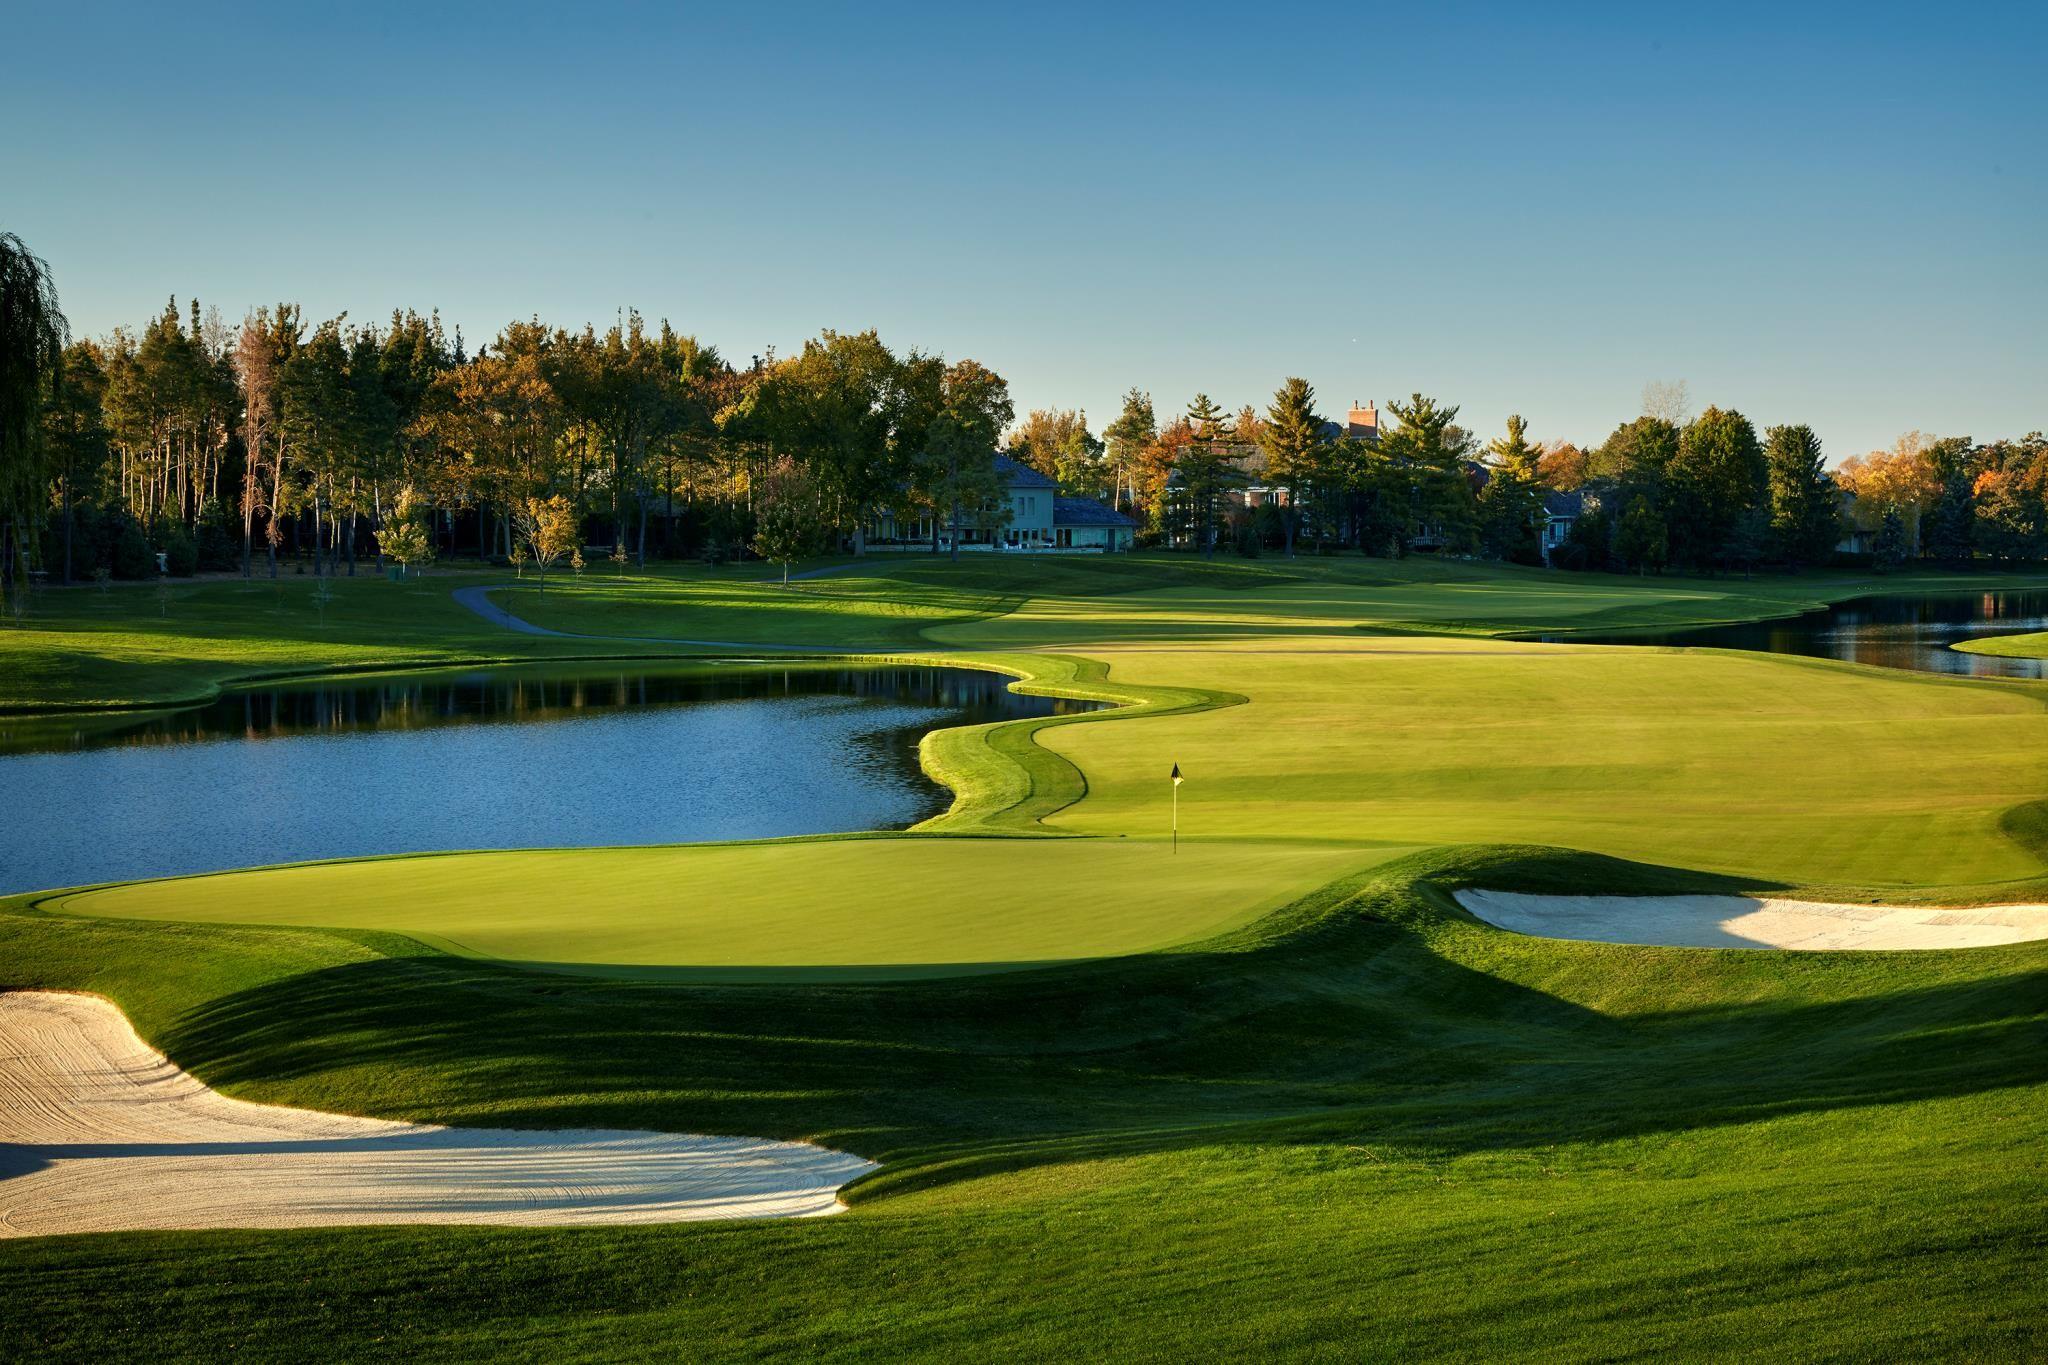 Golf digest has listed wynstone golf club as one of the